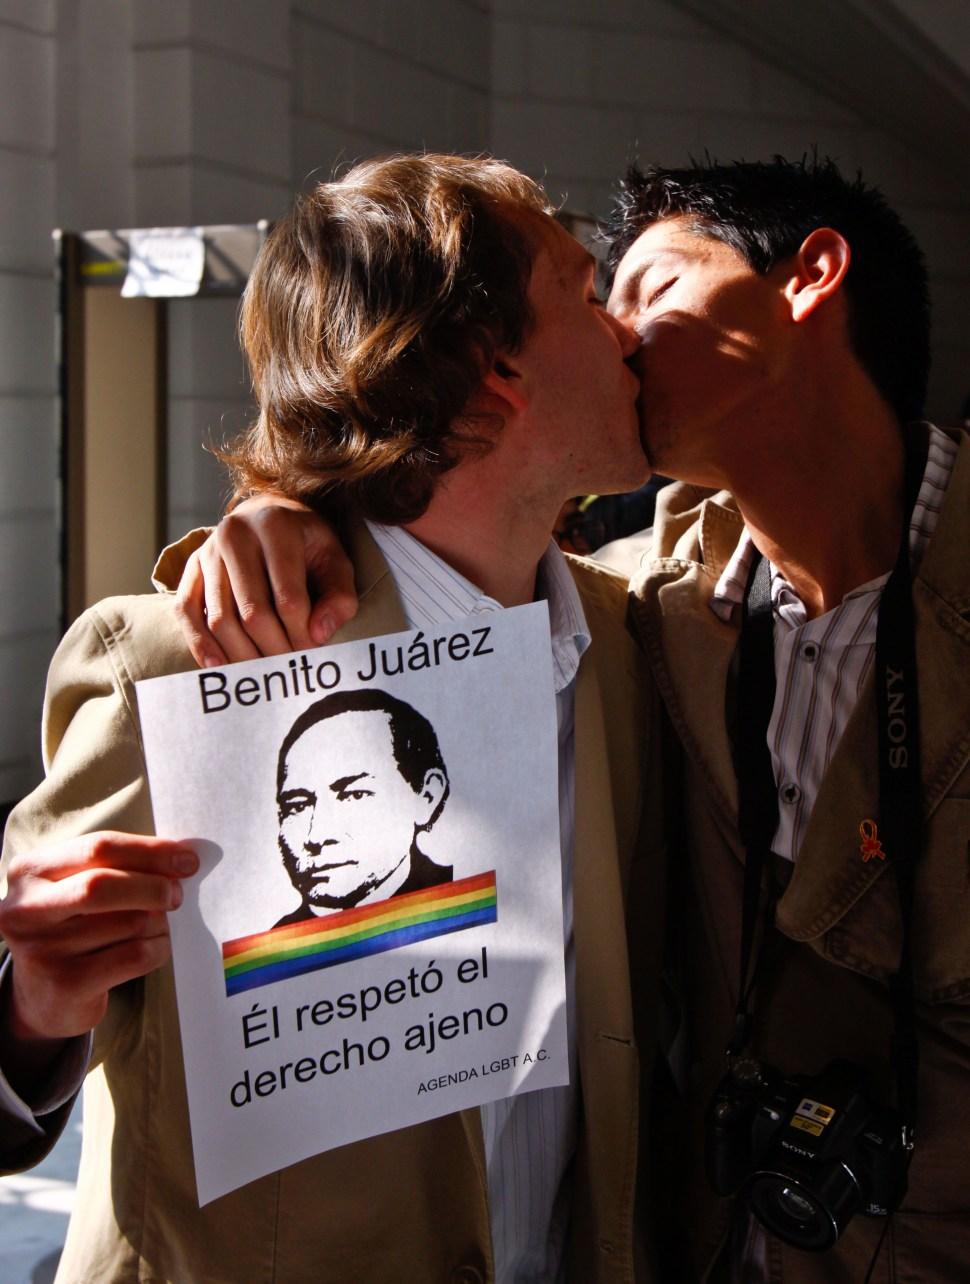 Gay-Matrimonio-Mexico-CDMX-Homosexualidad